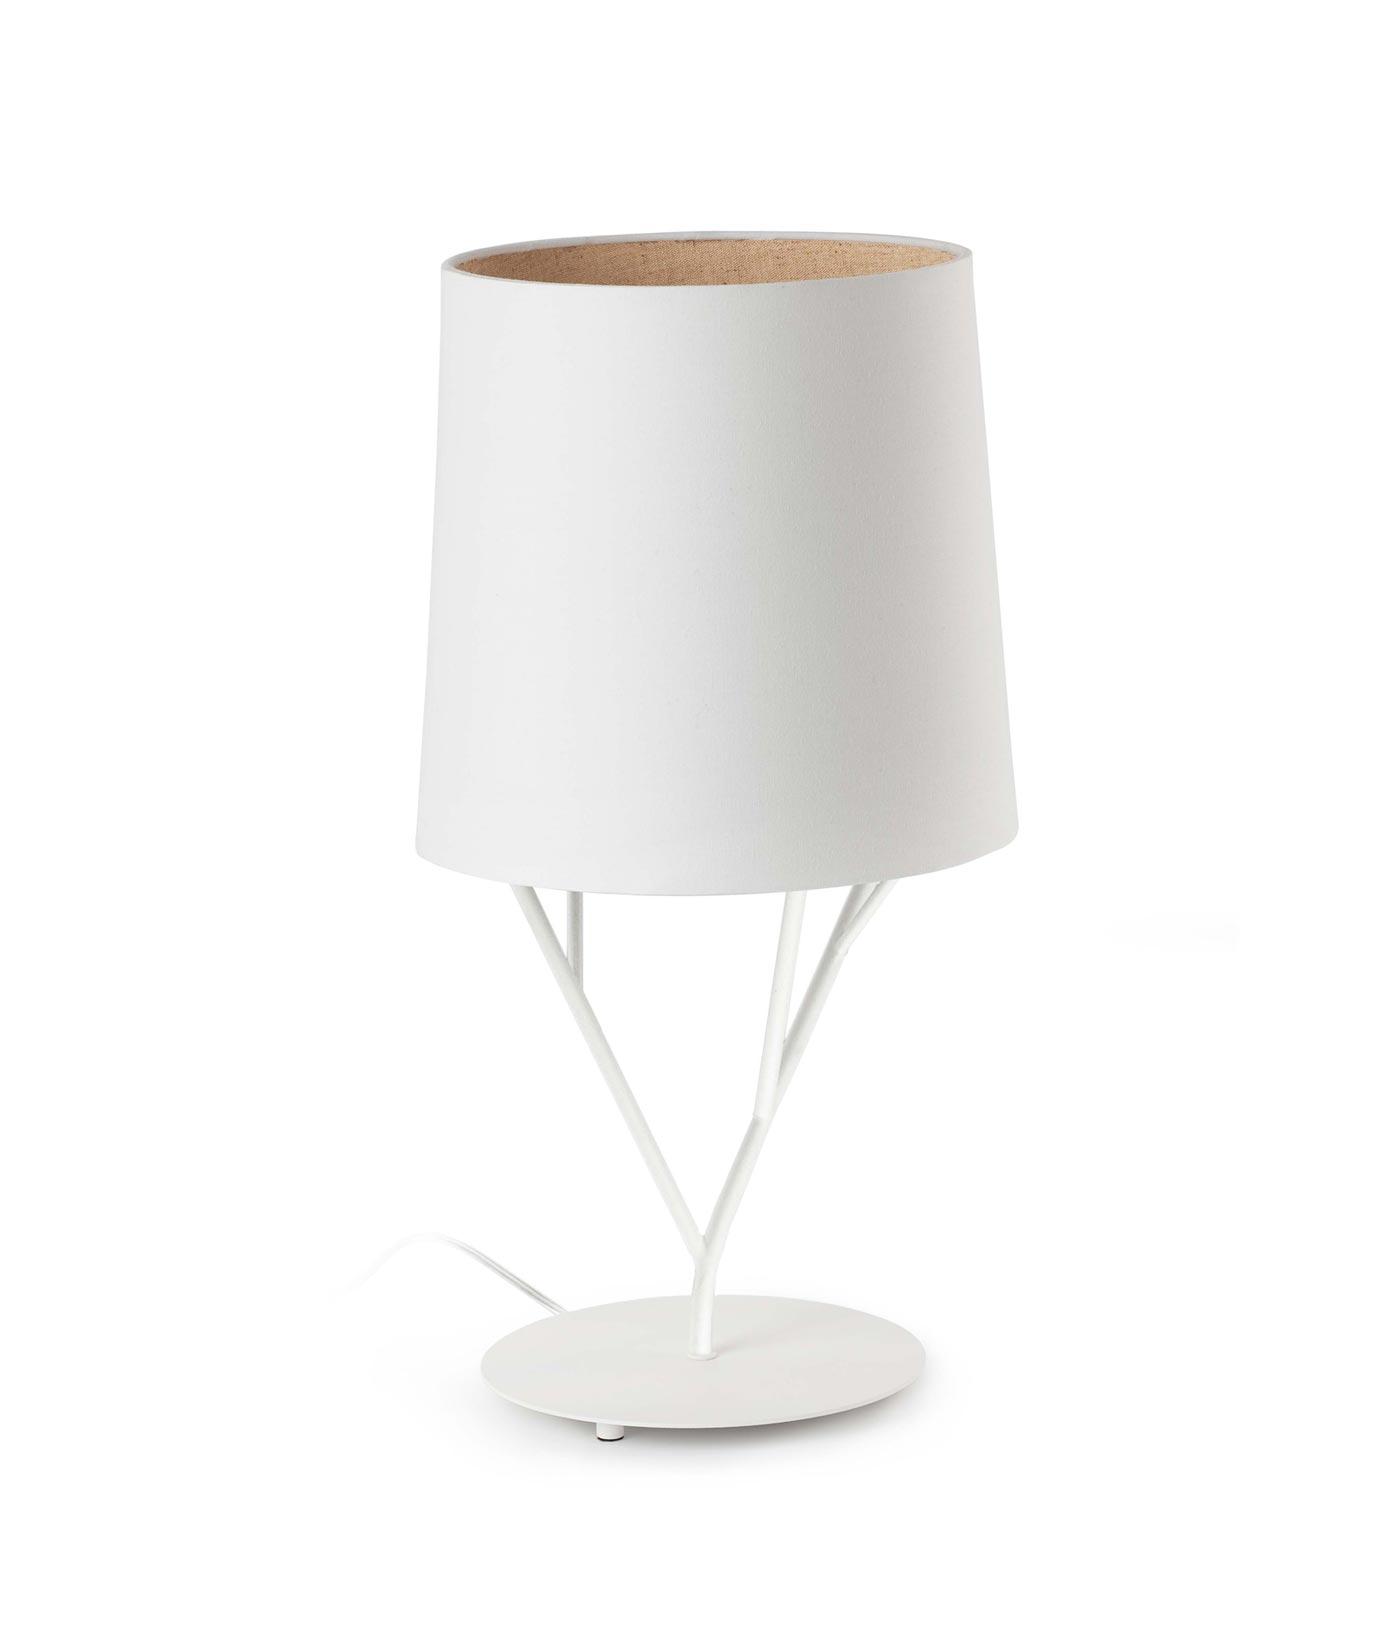 Lámpara de mesa blanca TREE